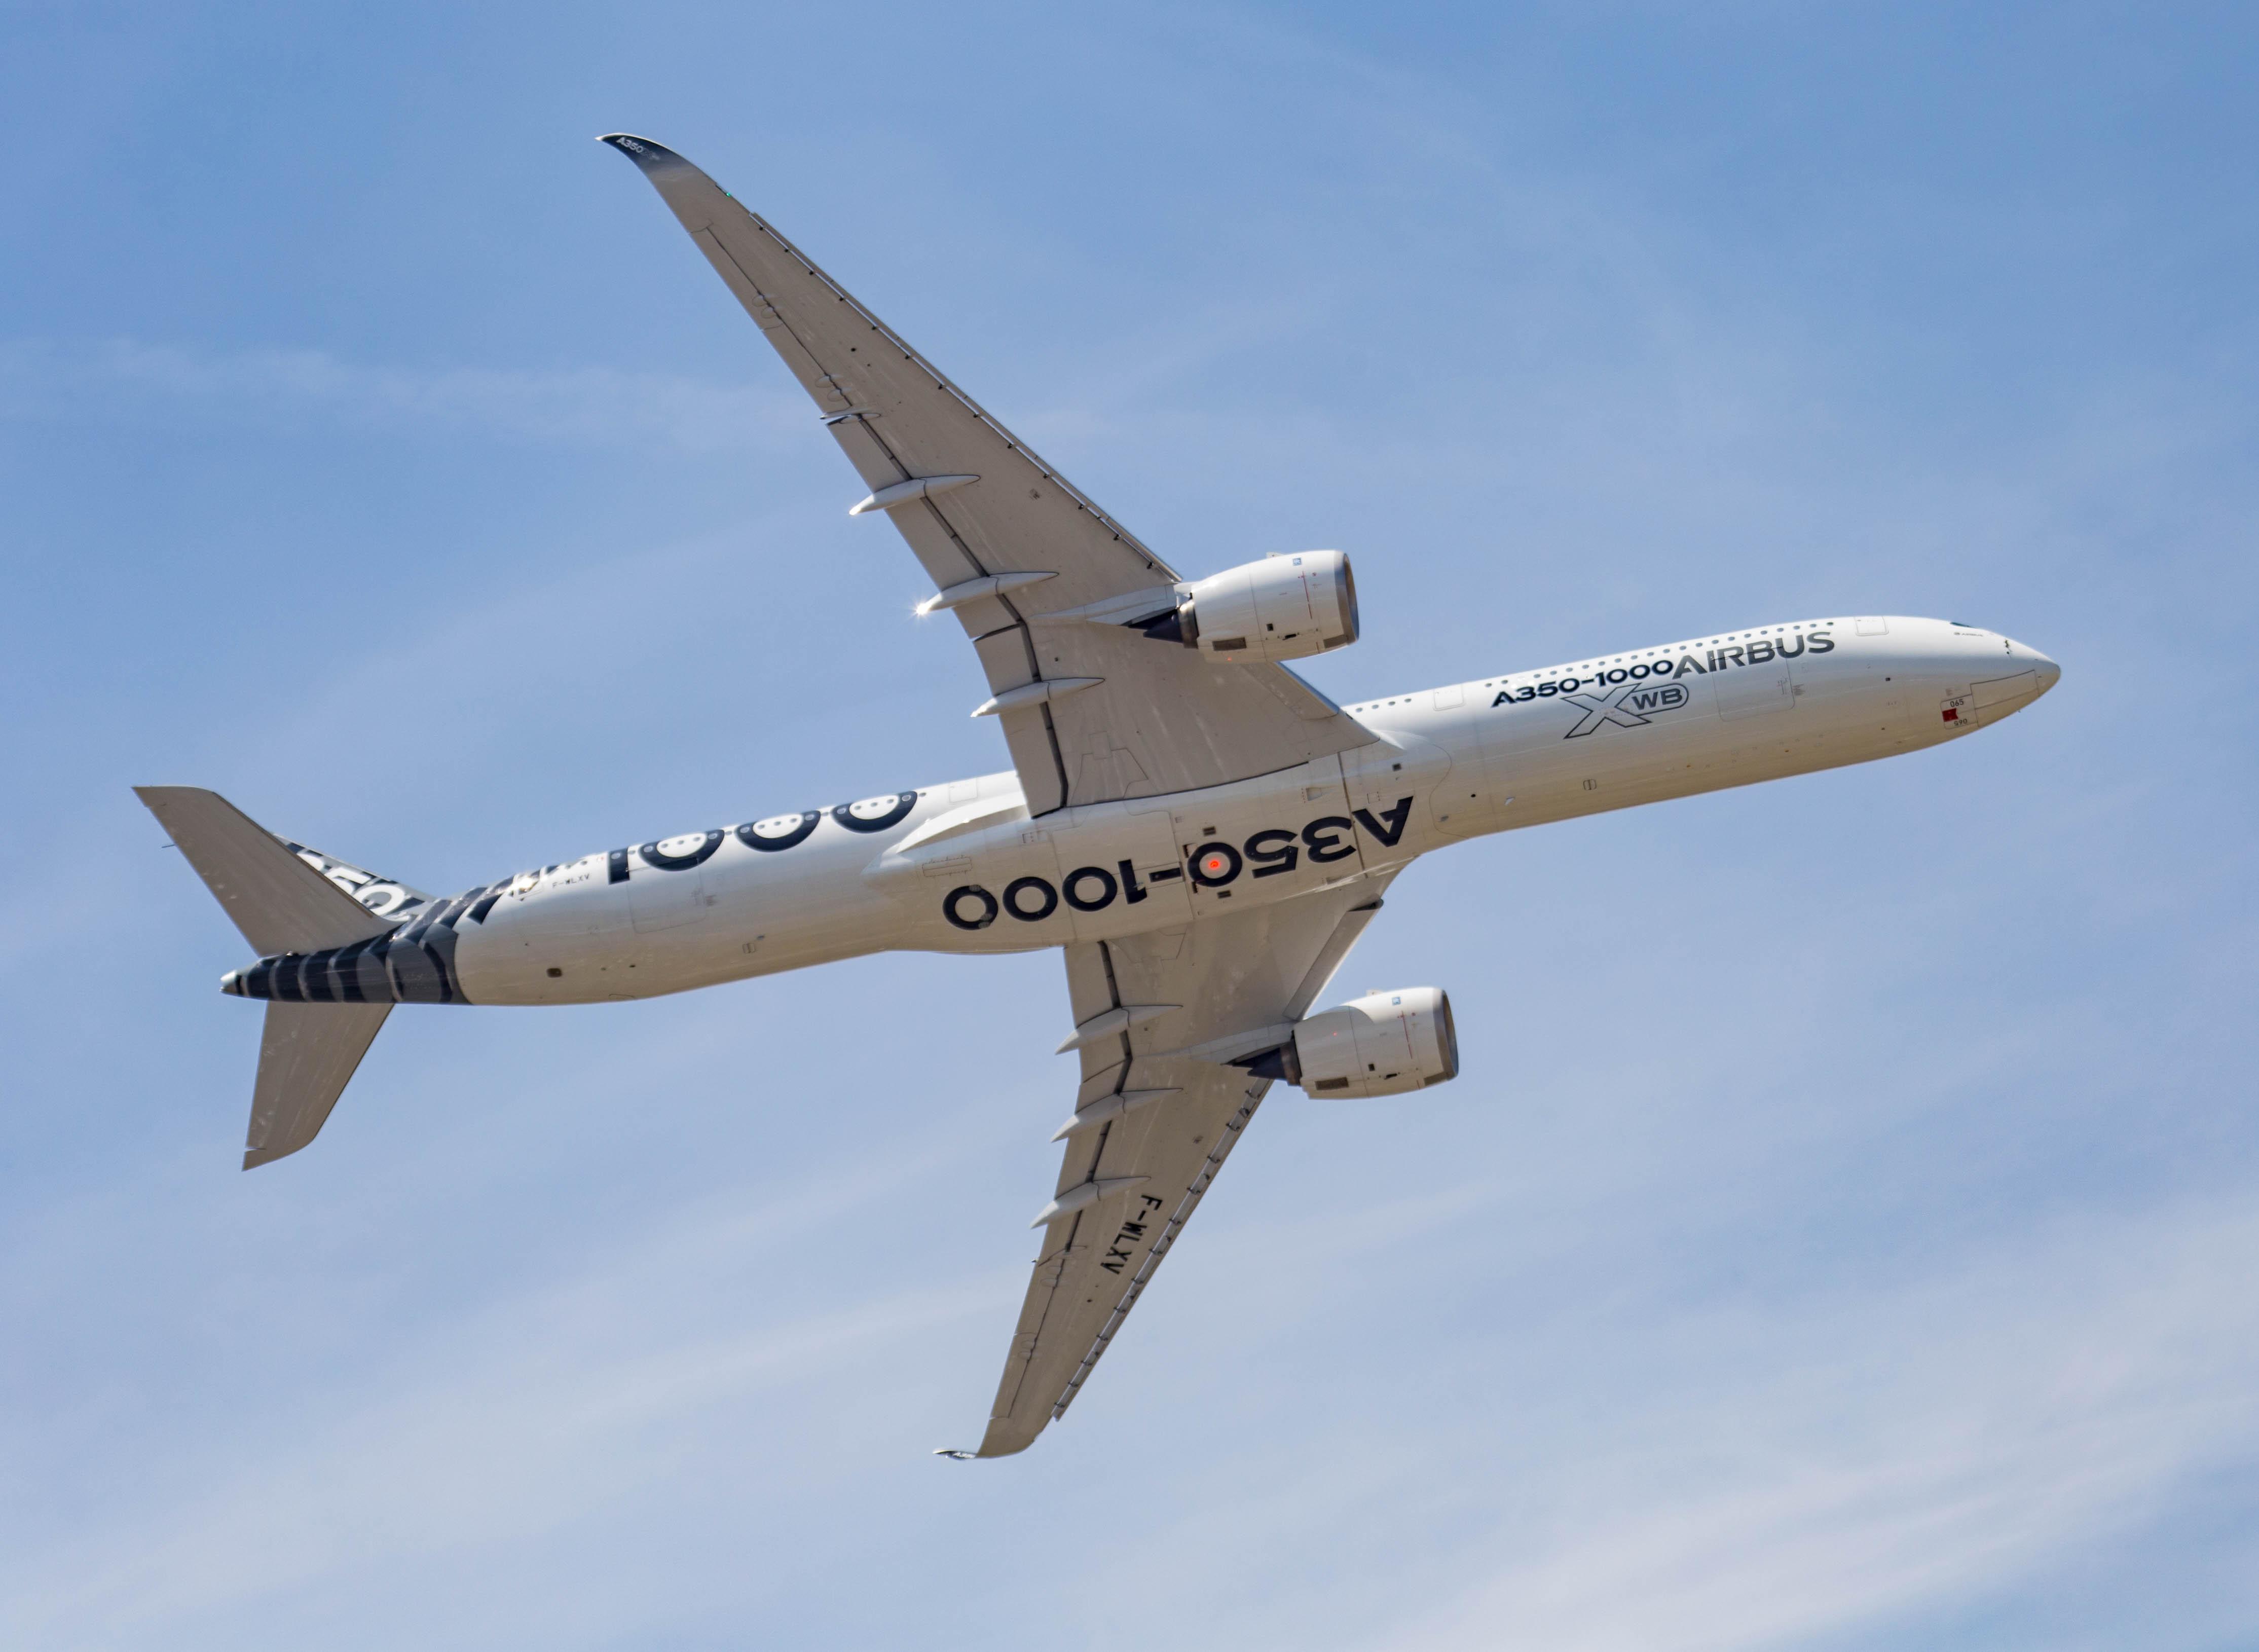 A350-1000 é a maior versão do A350, considerado um dos mais modernos aviões do mercado